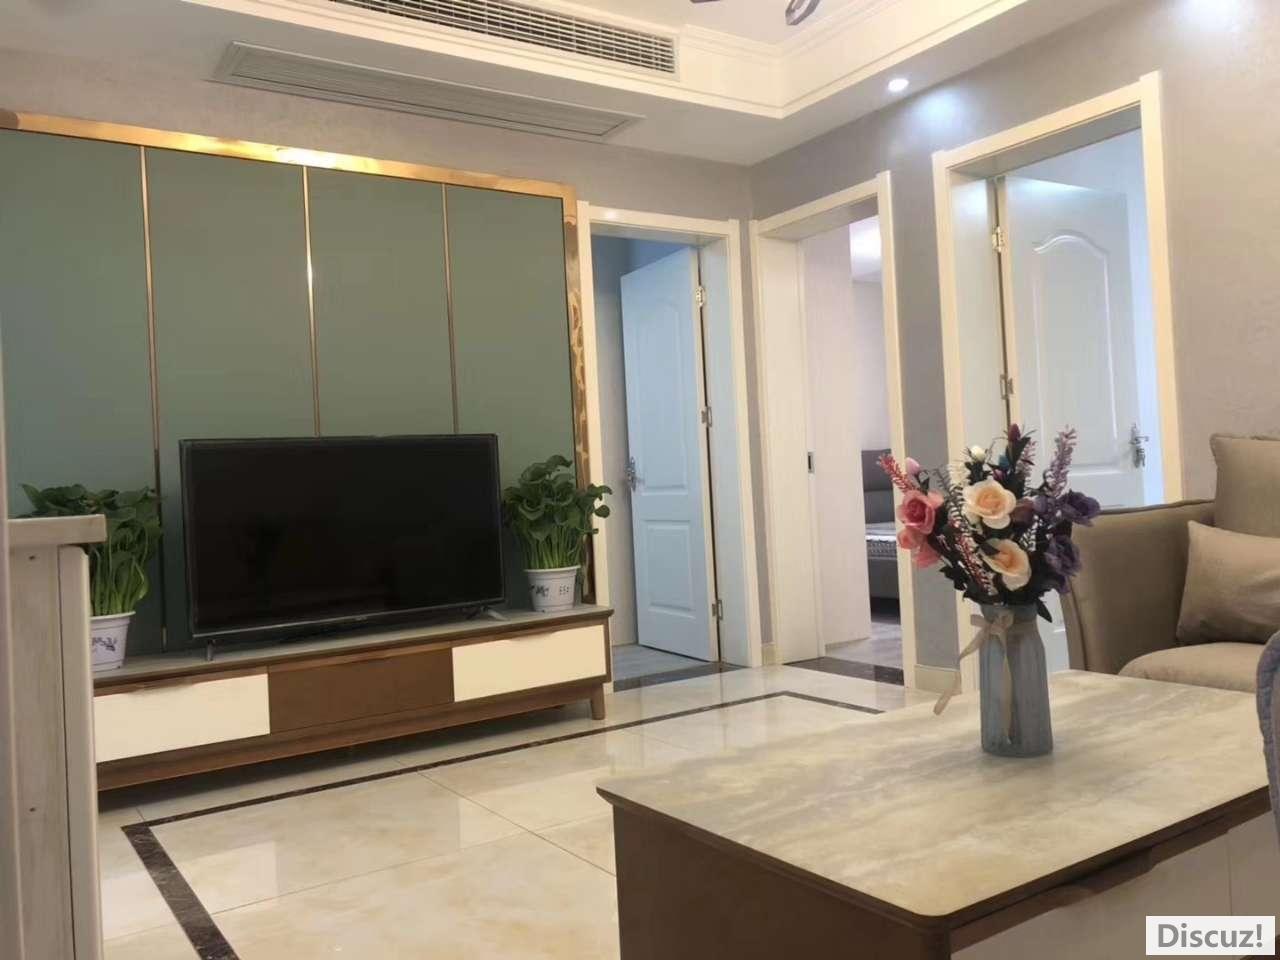 最新房源:滨江中路,黄金楼层,精装修三居室,送自行车库,报价58.8万